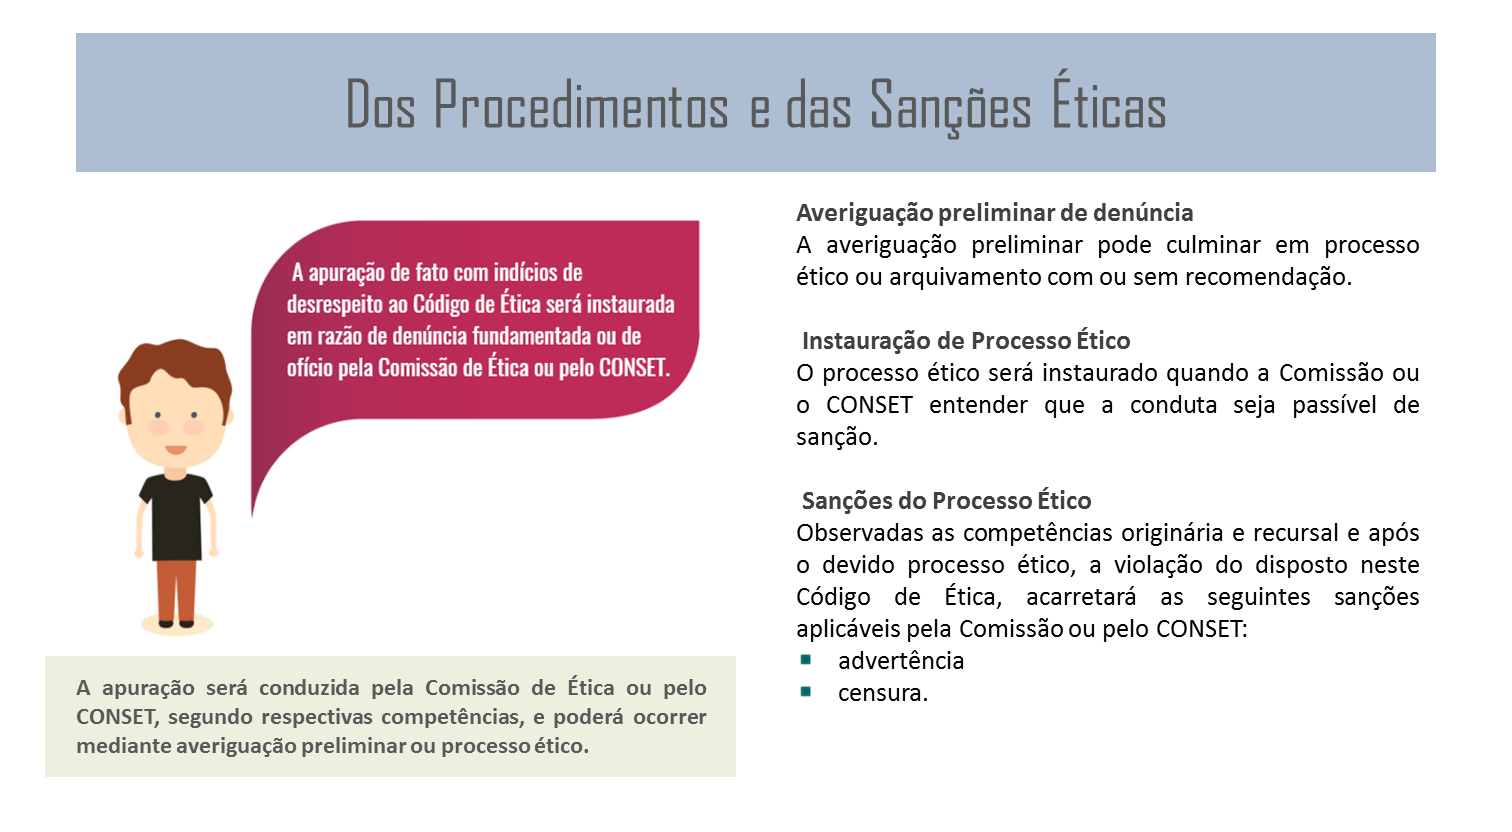 Dos Procedimentos e das Sanções Éticas